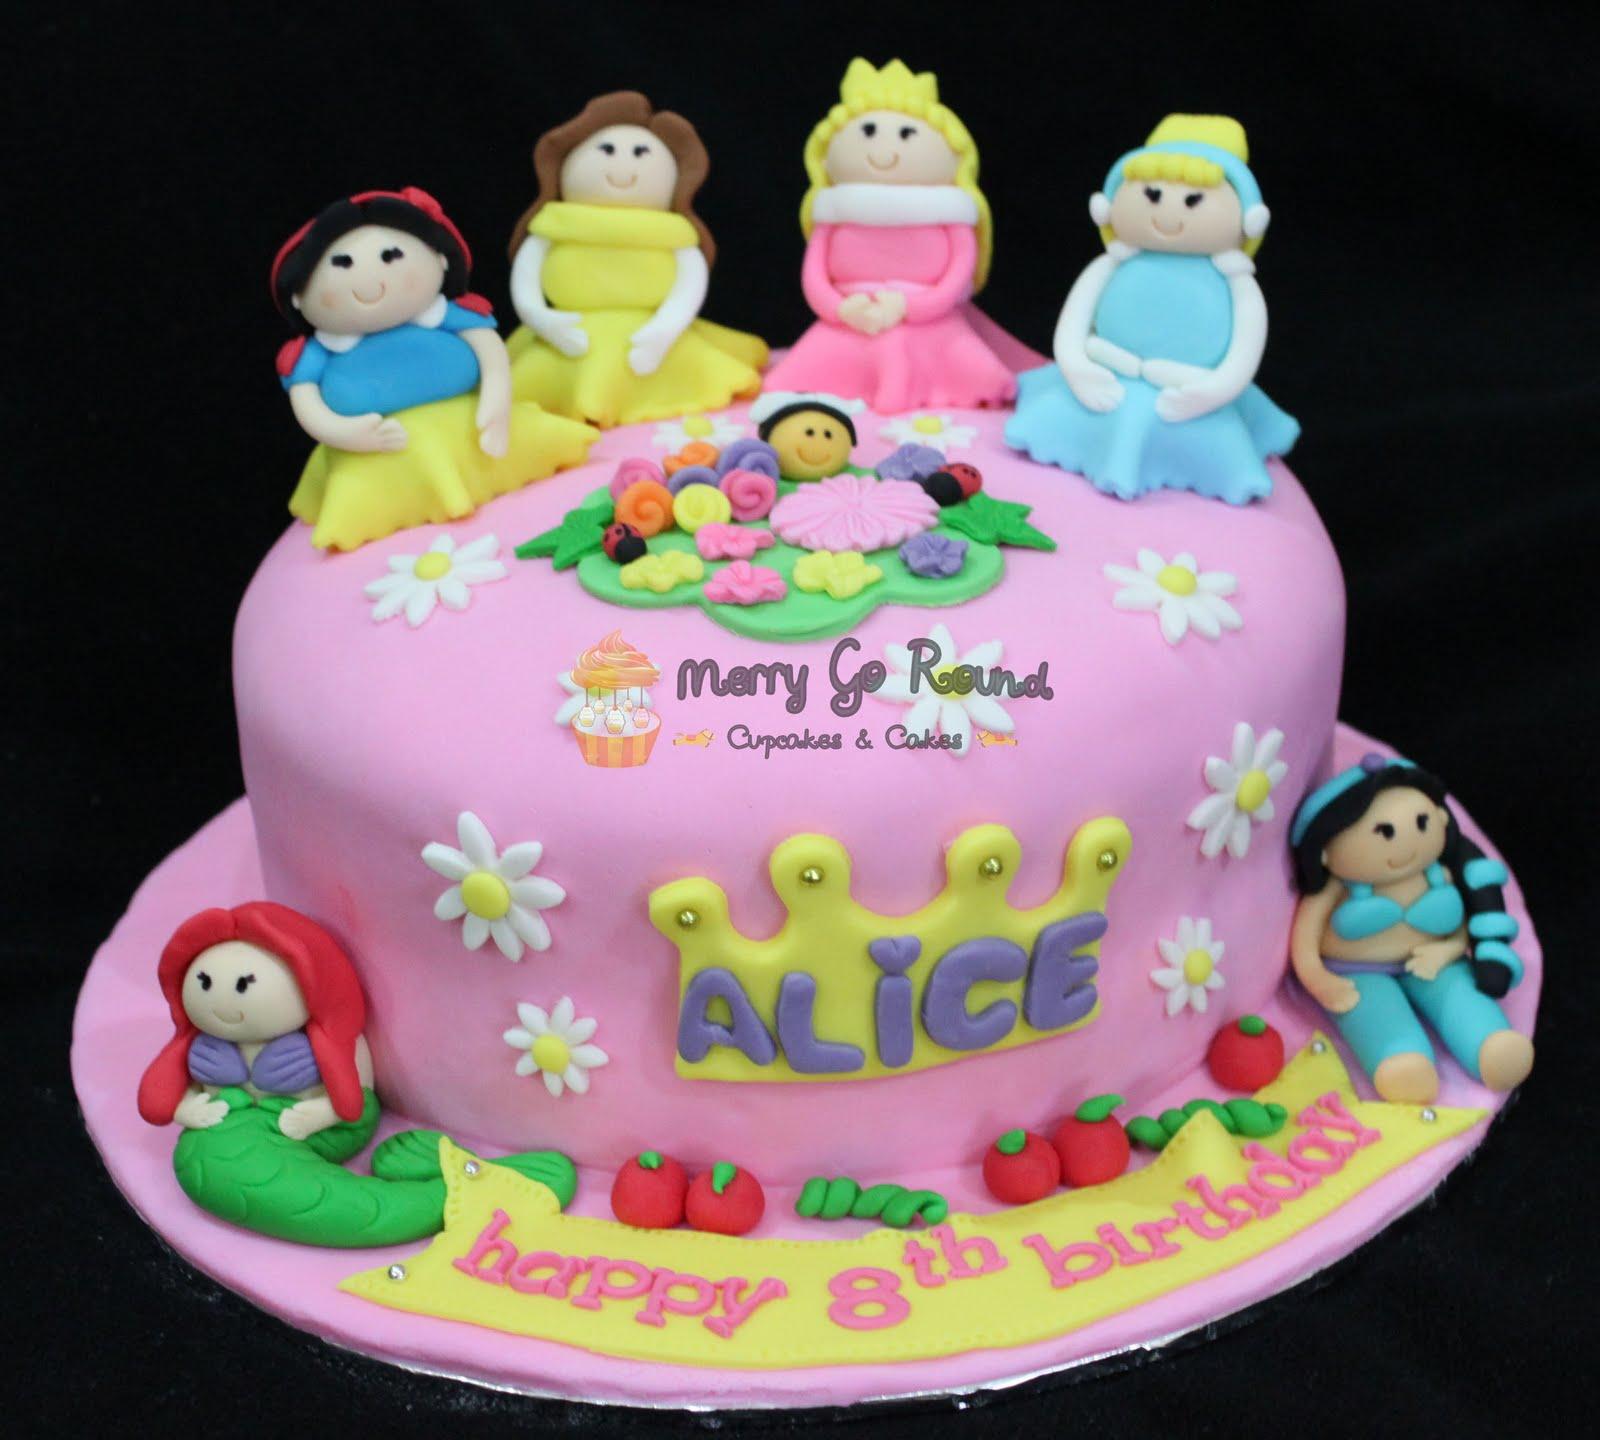 Merry Go Round Cupcakes Cakes Disney Princess Birthday Cake